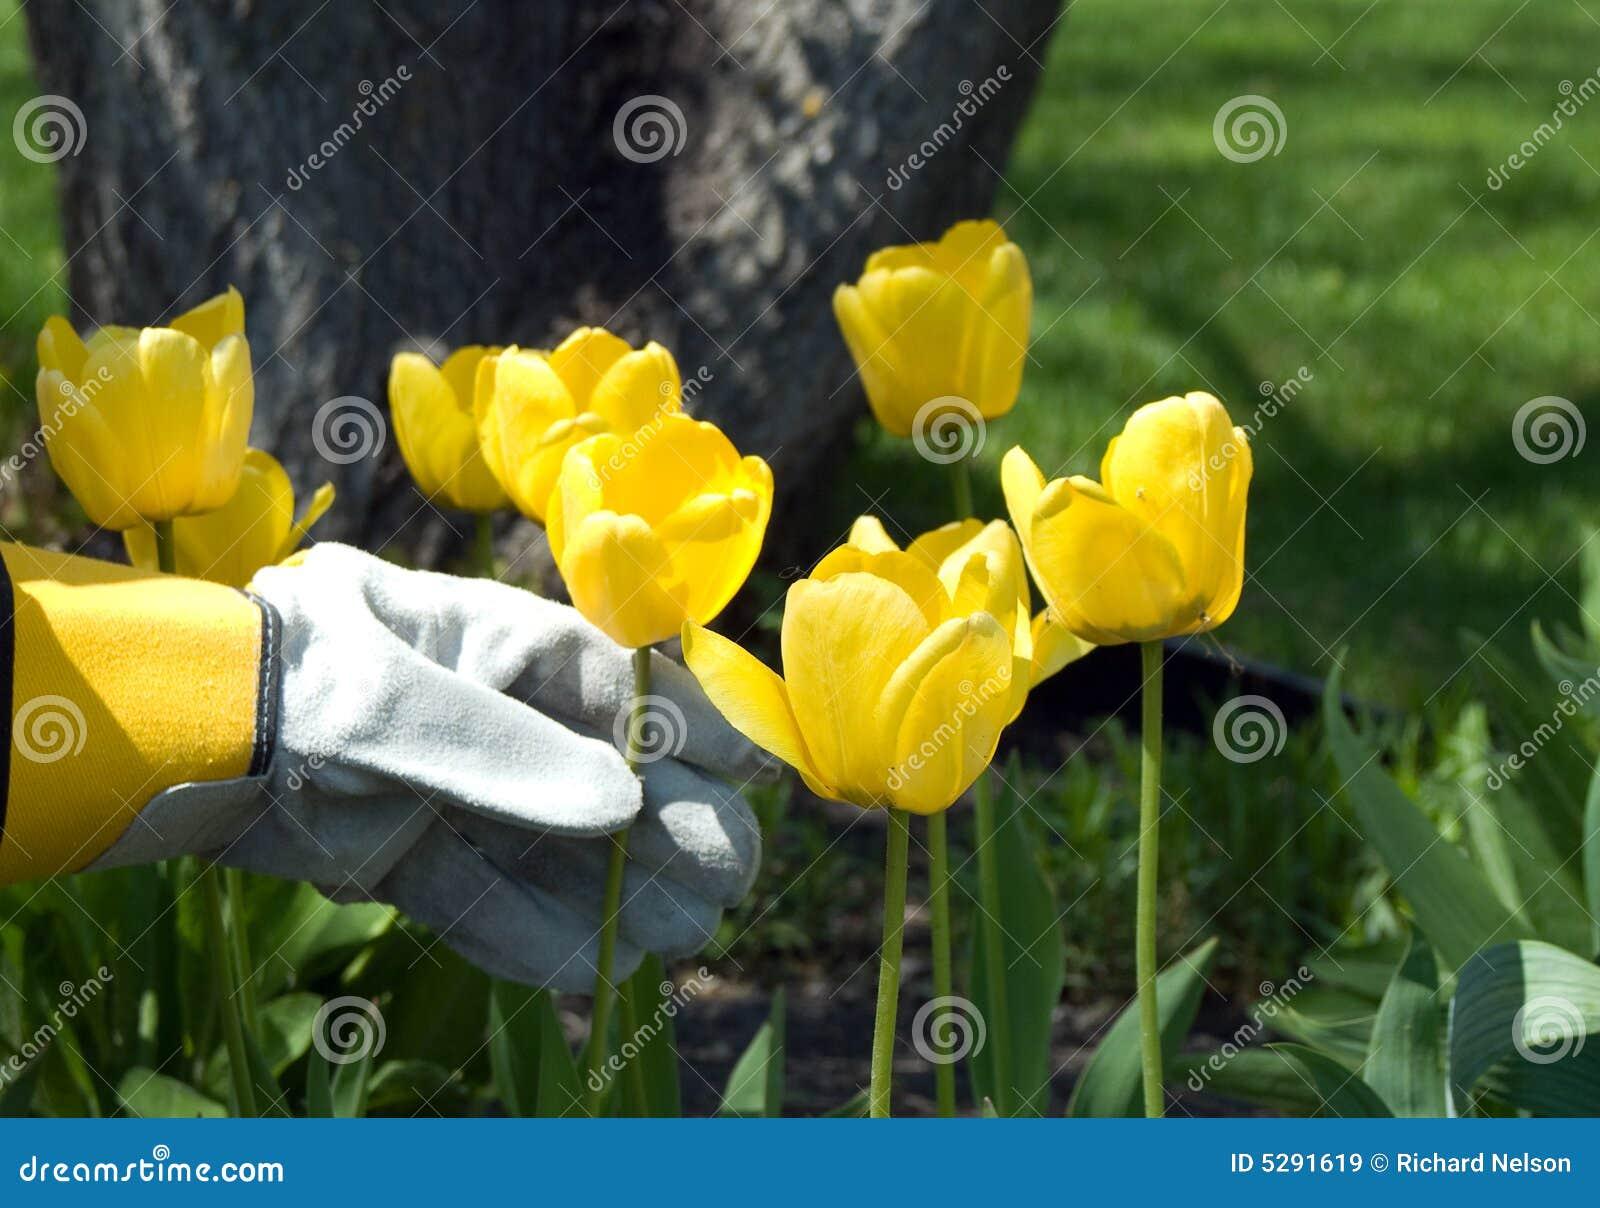 Giardiniere immagine stock immagine di mano giardino for Immagini giardiniere